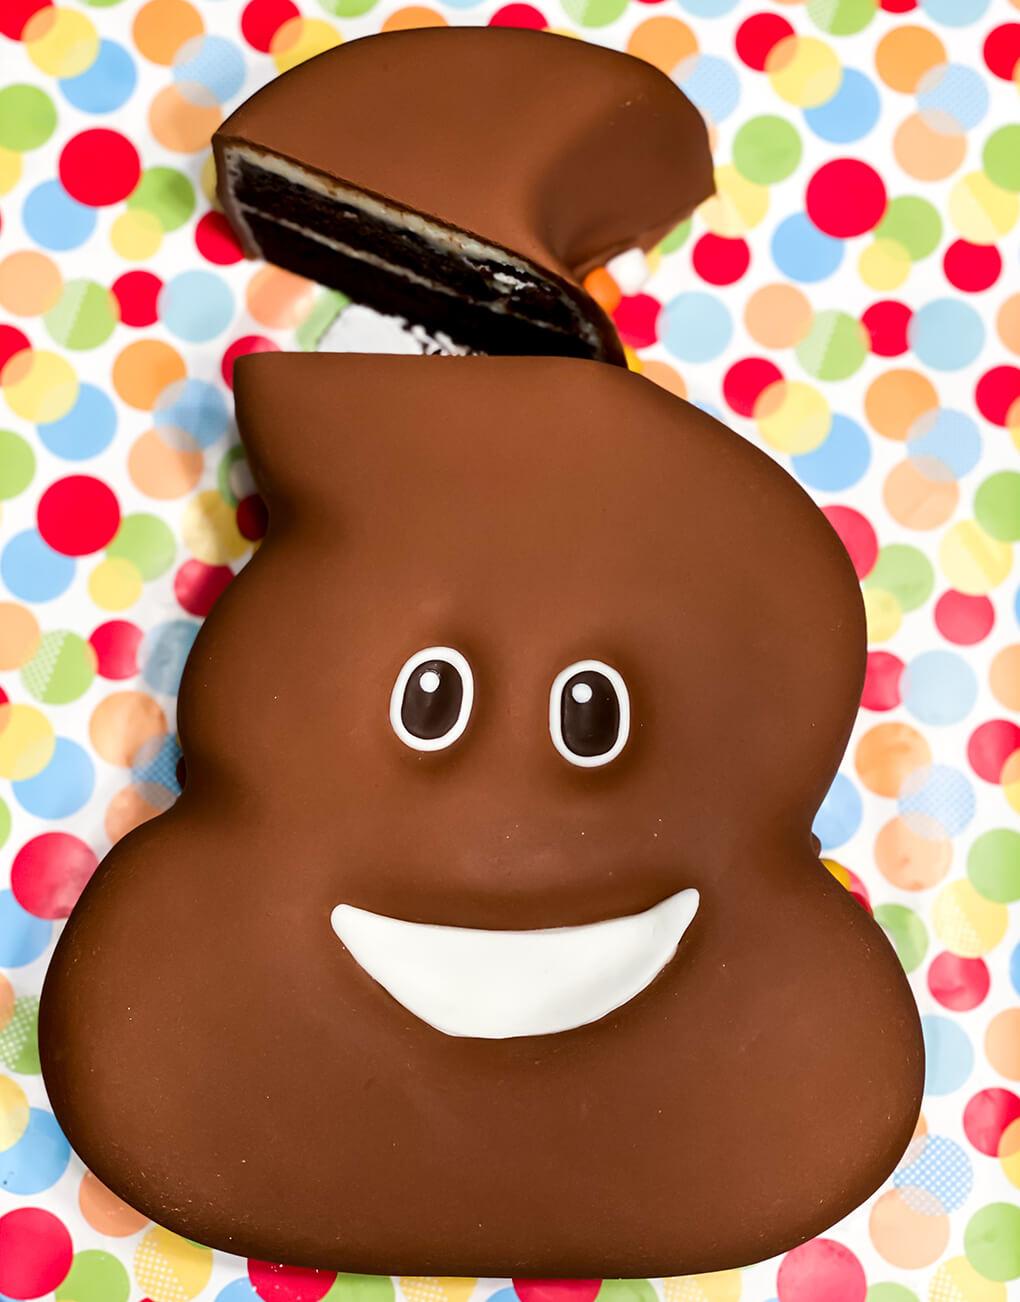 Emoji Poop Cake Party agutsygirl.com #emojis #poop #leakygut #bookrelease gluten free cake Urban Nomad Bakery Ashley Baker